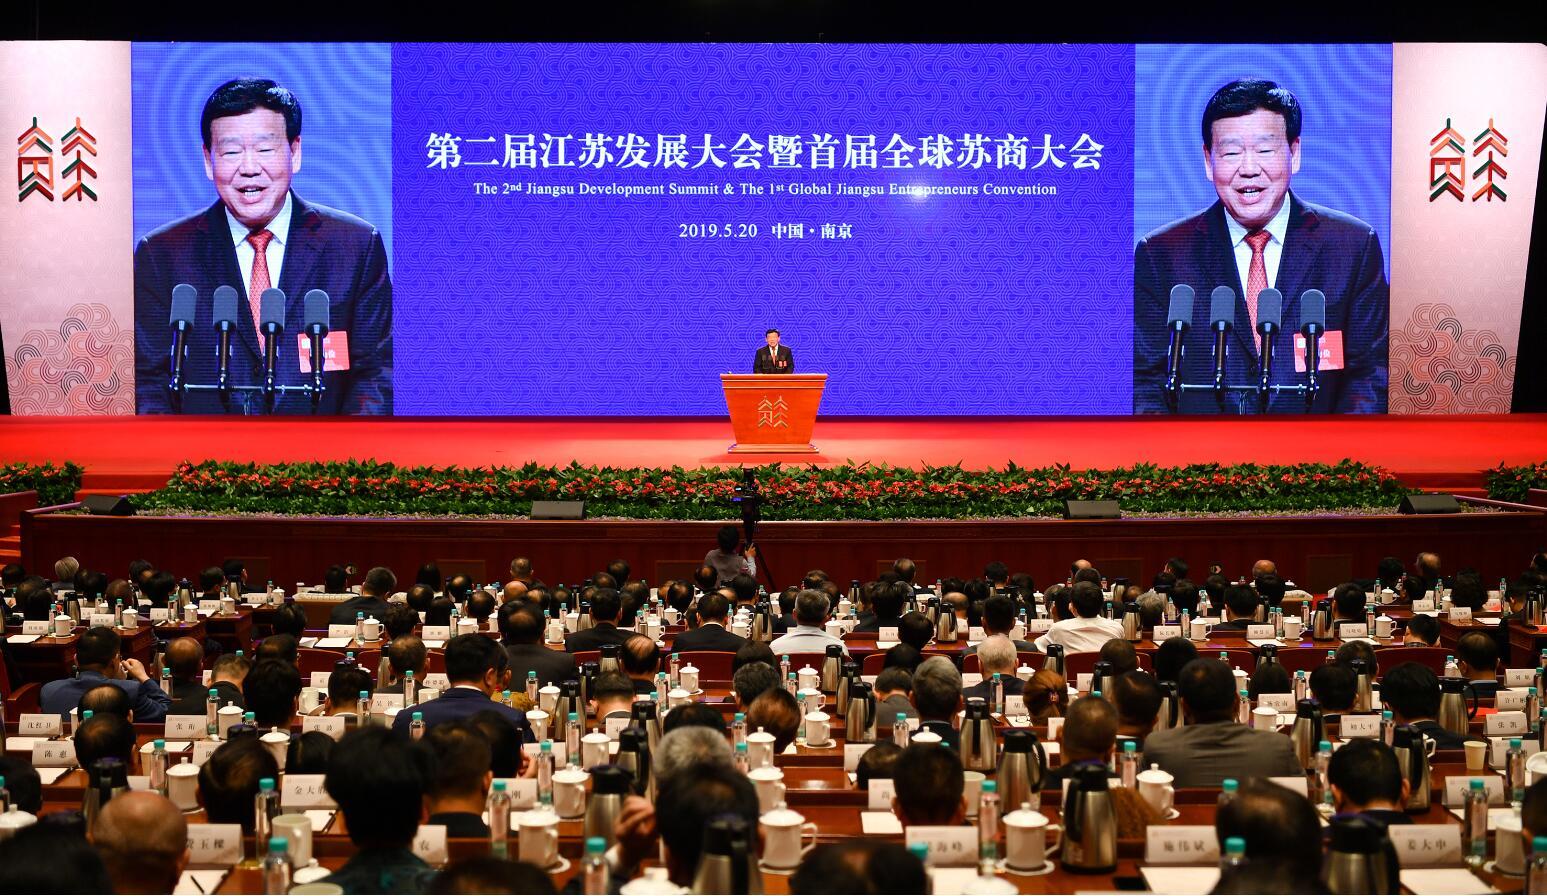 第二届江苏发展大会暨首届全球苏商大会开幕